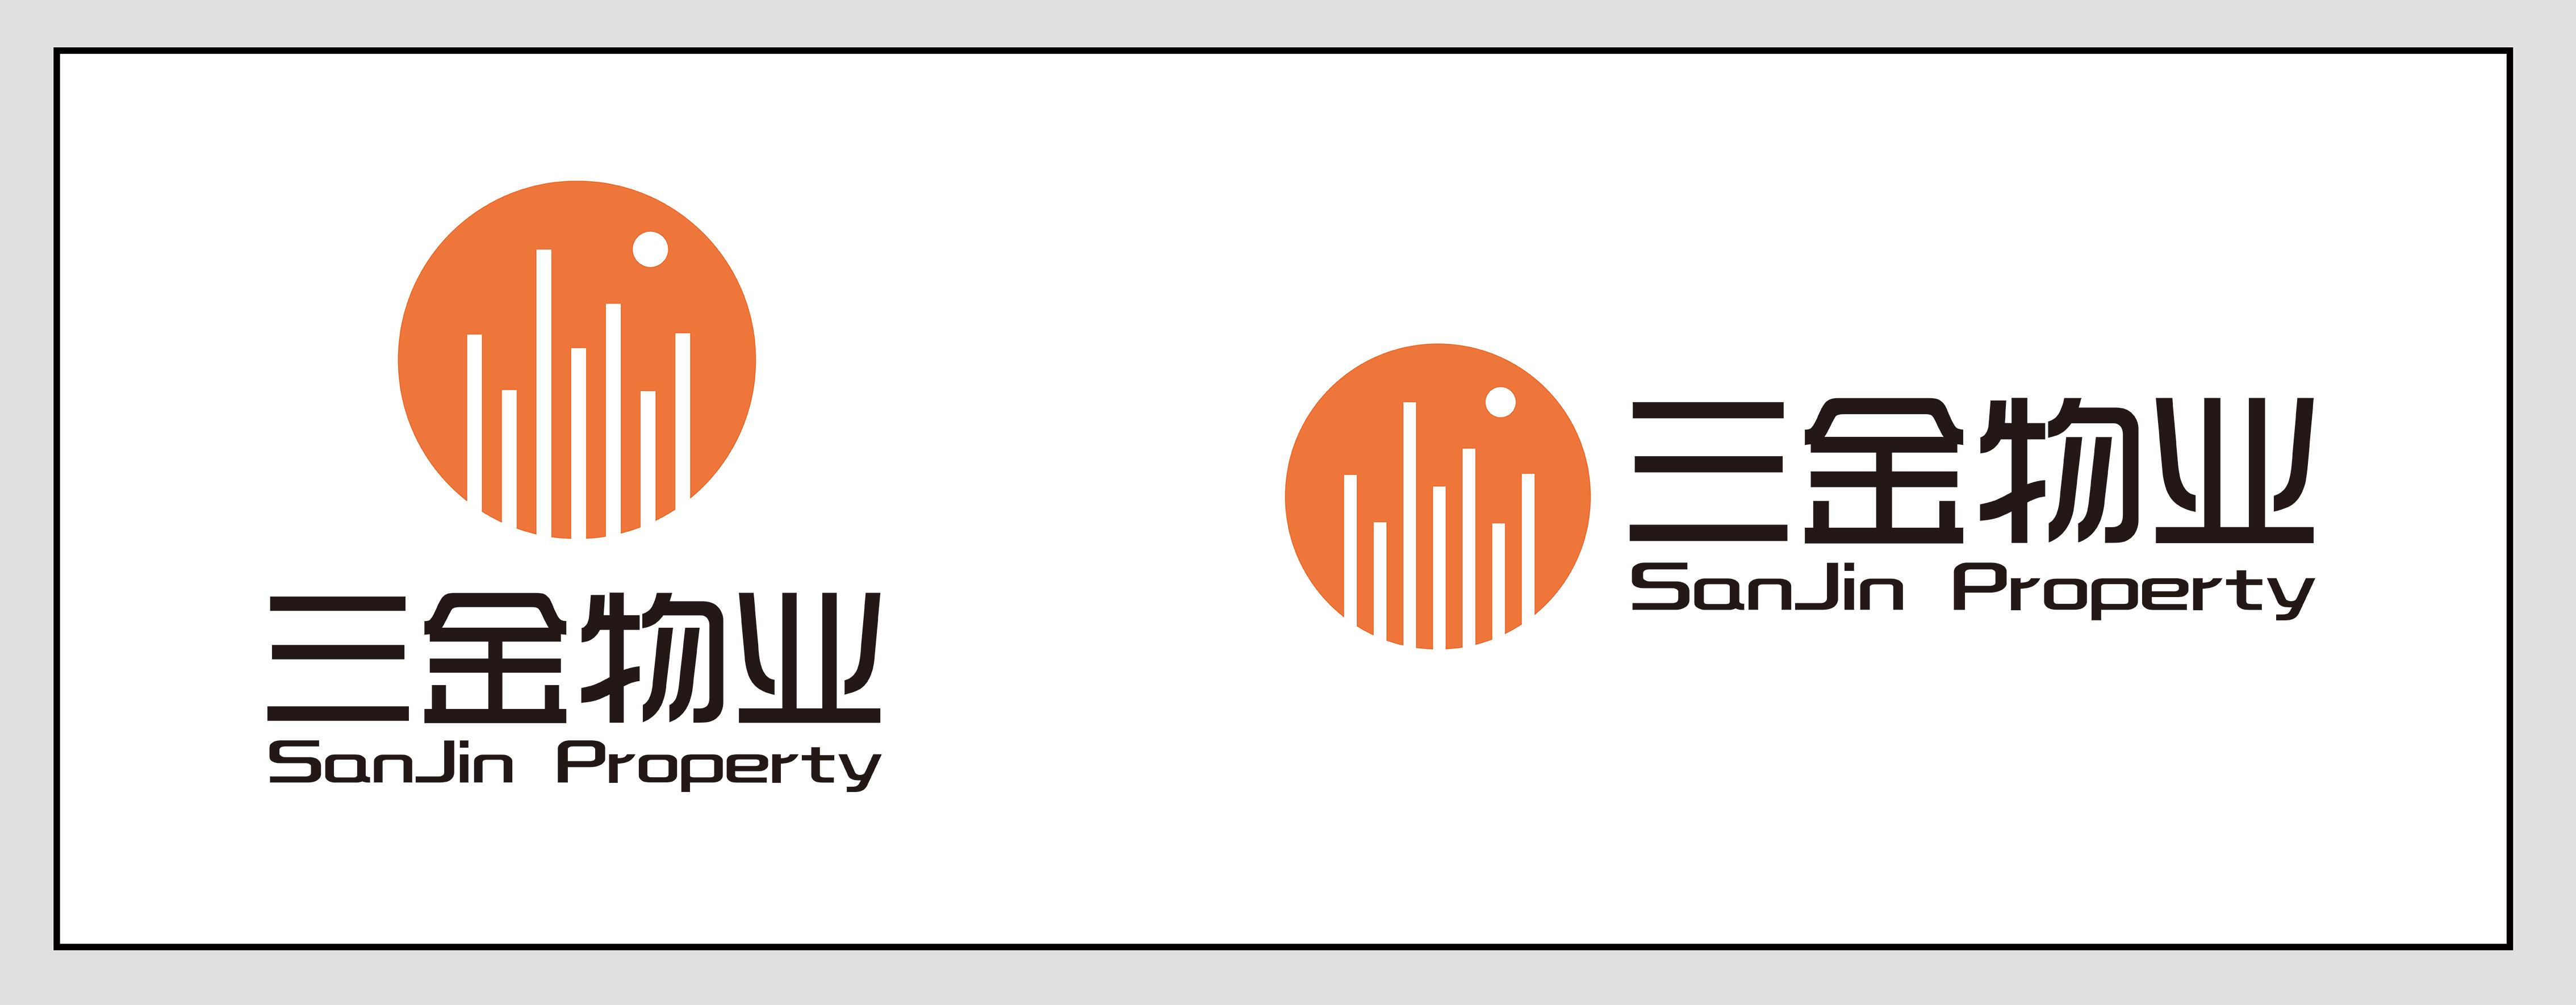 物业管理公司标志设计【能力等级从低到高】_logo设计图片